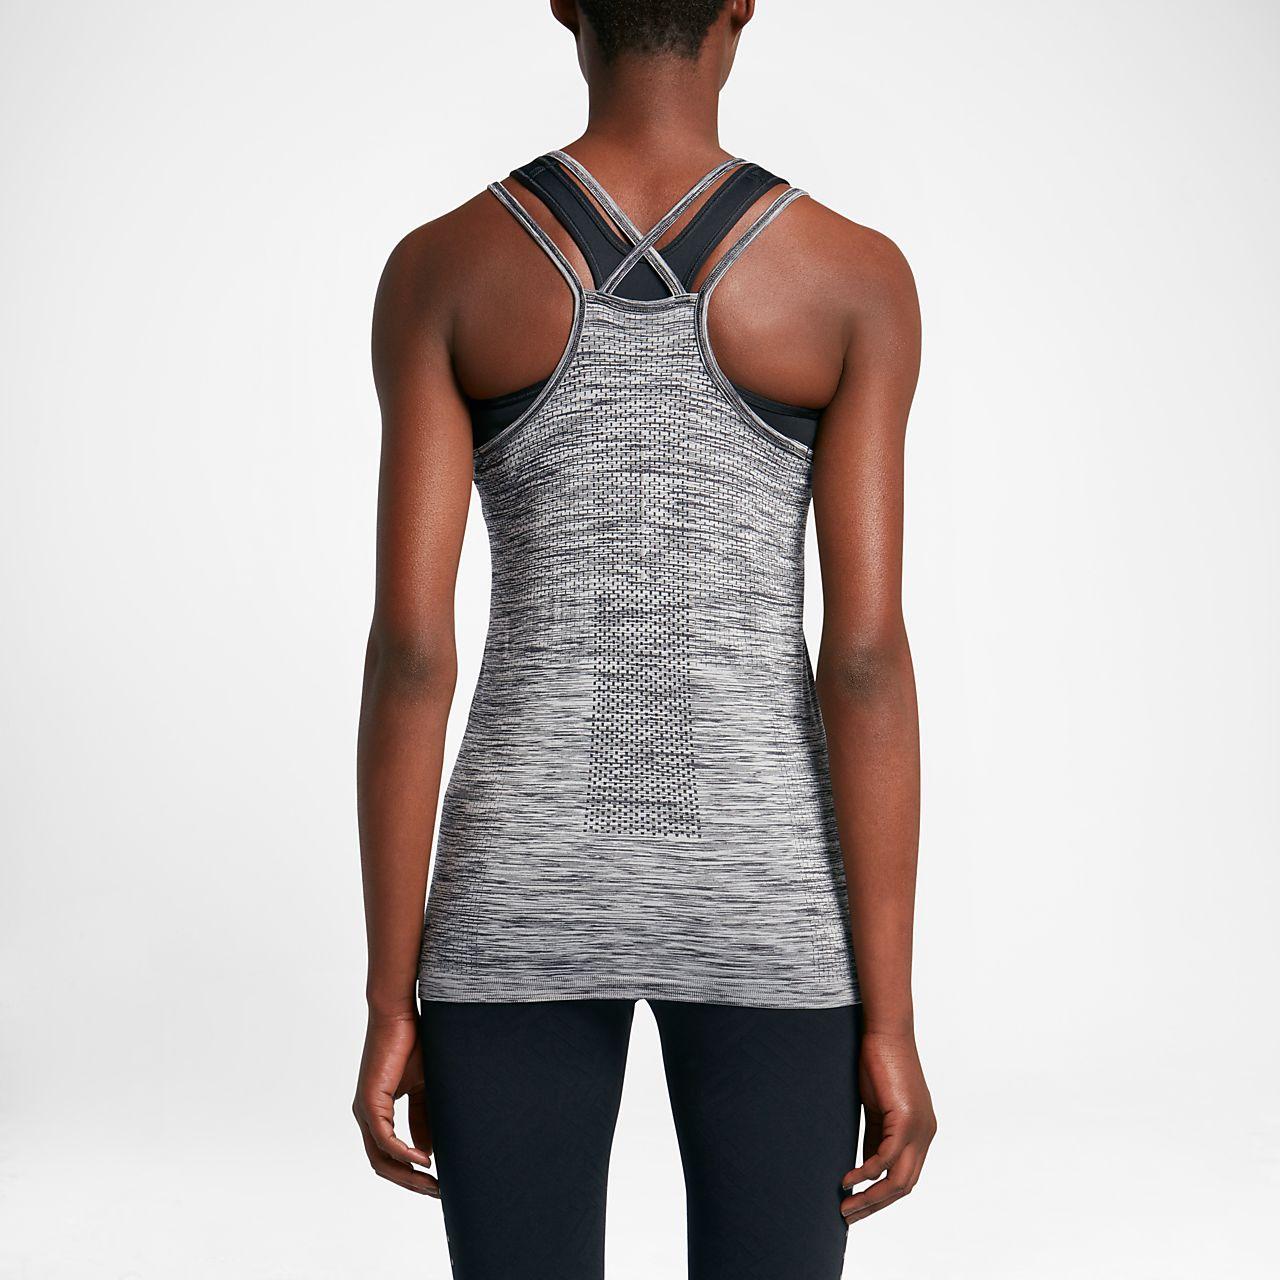 nike donna running canotta  Canotta da running Nike Dri-FIT Knit - Donna.  IT